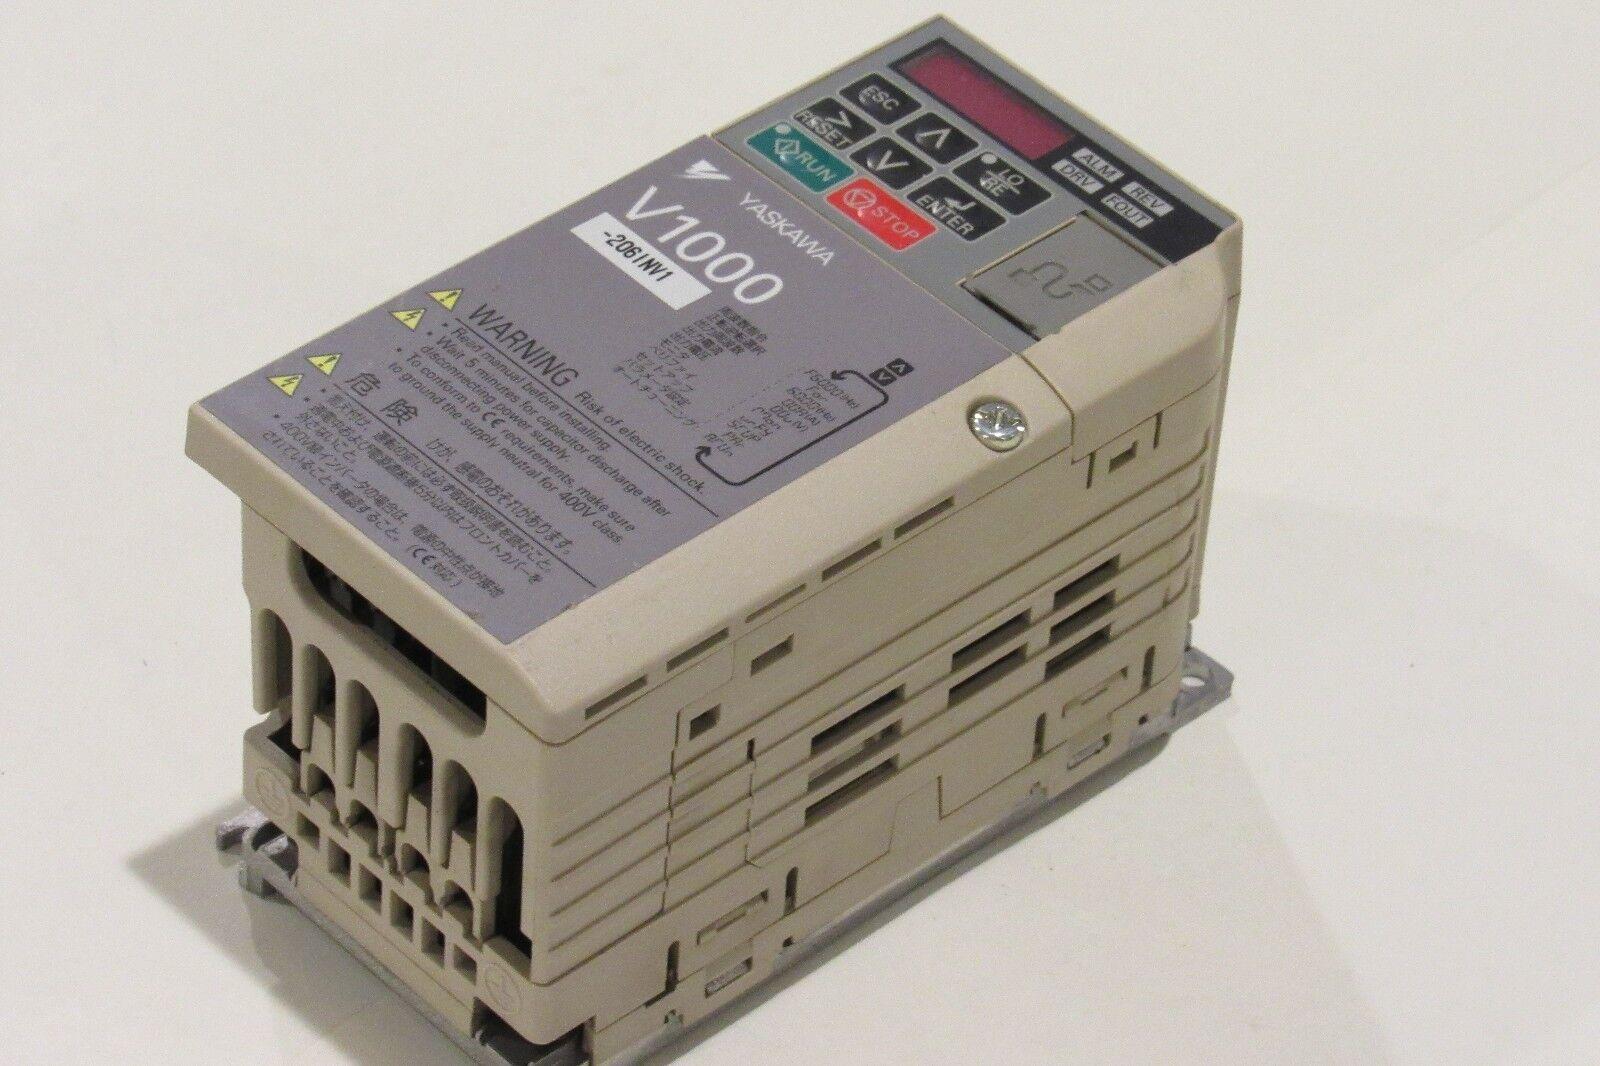 Yaskawa v1000 wiring diagram yaskawa ca 580 wiring schematics yaskawa v1000 inverter drive cimr va2a0001baa ebay s l1600 671145980 yaskawa v1000 wiring diagram yaskawa yaskawa v1000 wiring diagram yaskawa cheapraybanclubmaster Choice Image